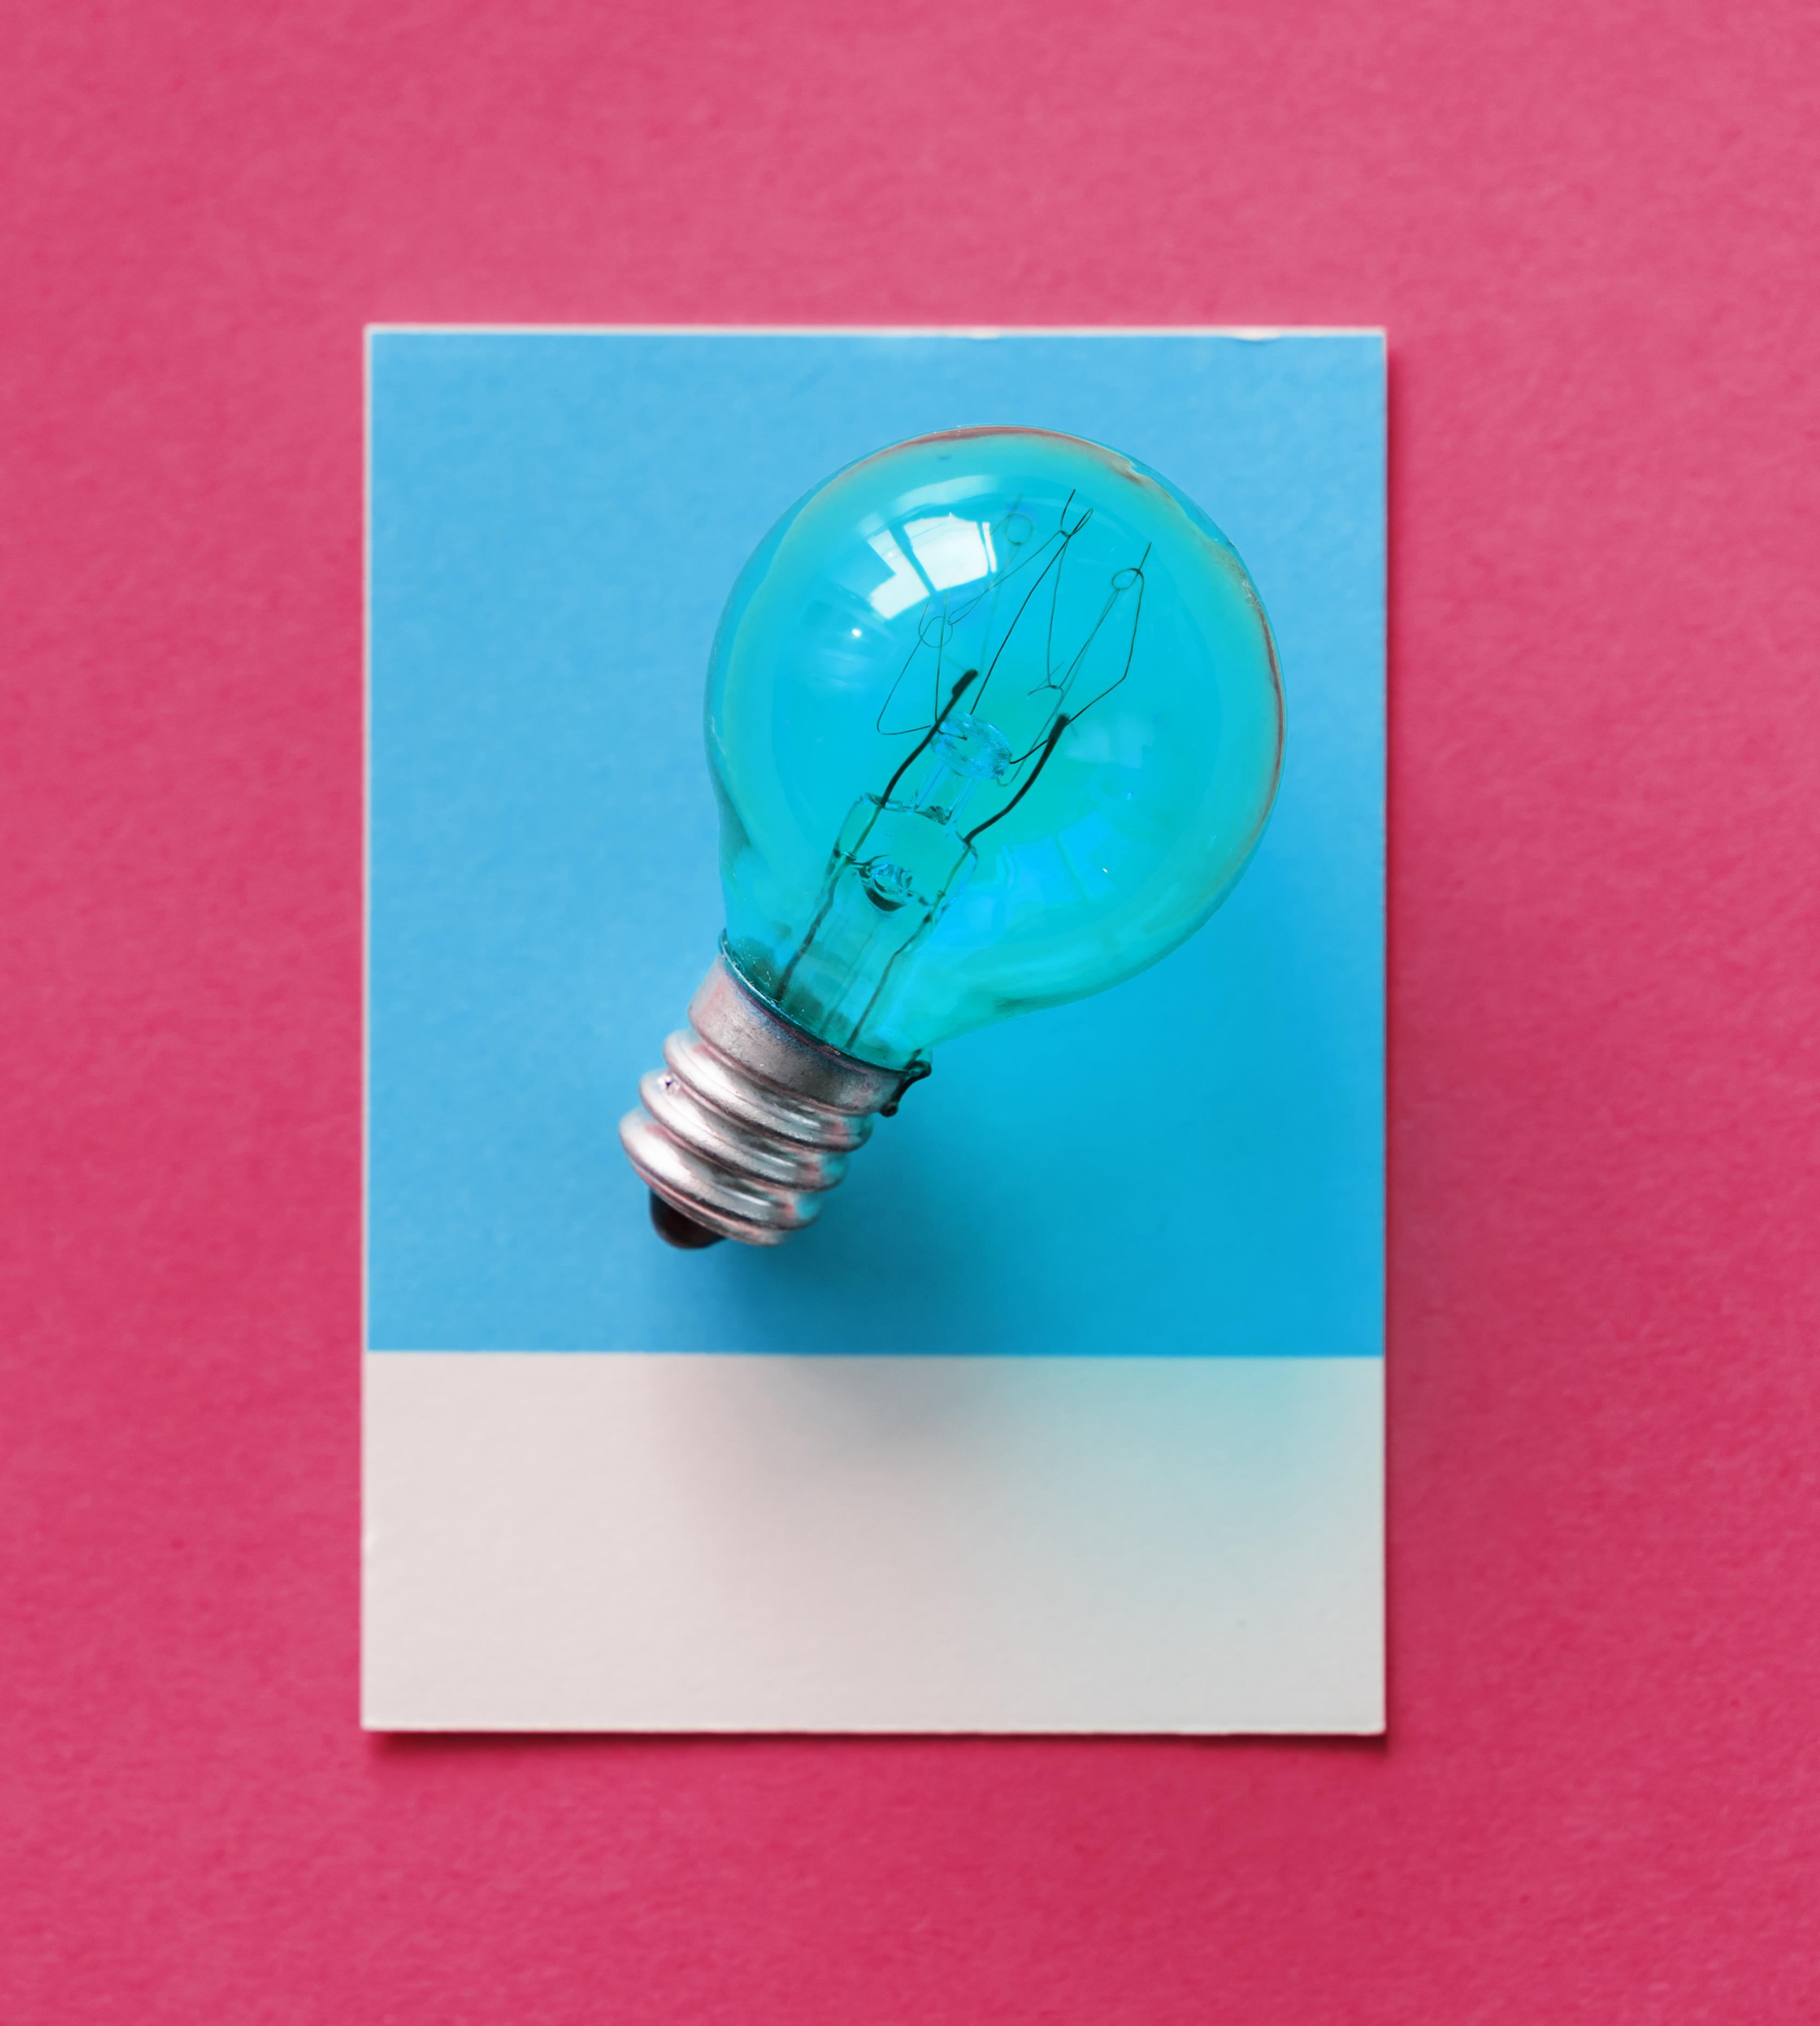 Kostenlose foto : blau, Birne, Karte, bunt, Konzept, Begrifflich ...